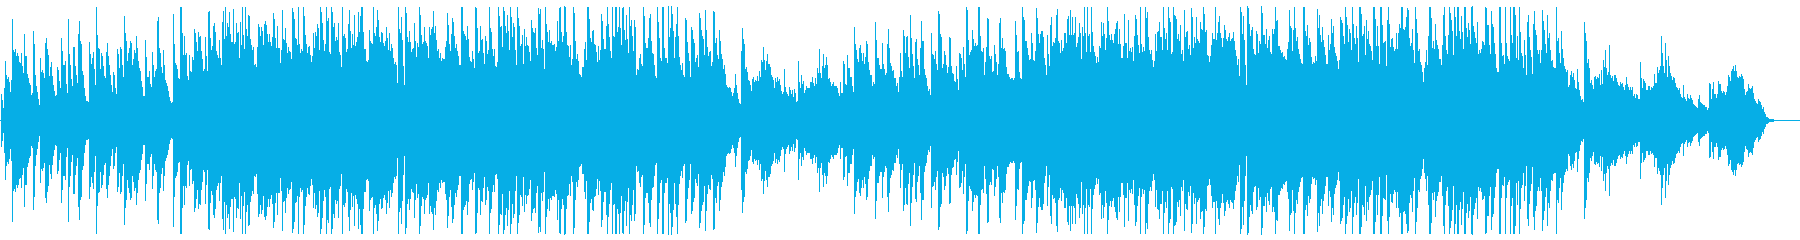 アコギとピアノによる爽やかで感動的な曲の再生済みの波形